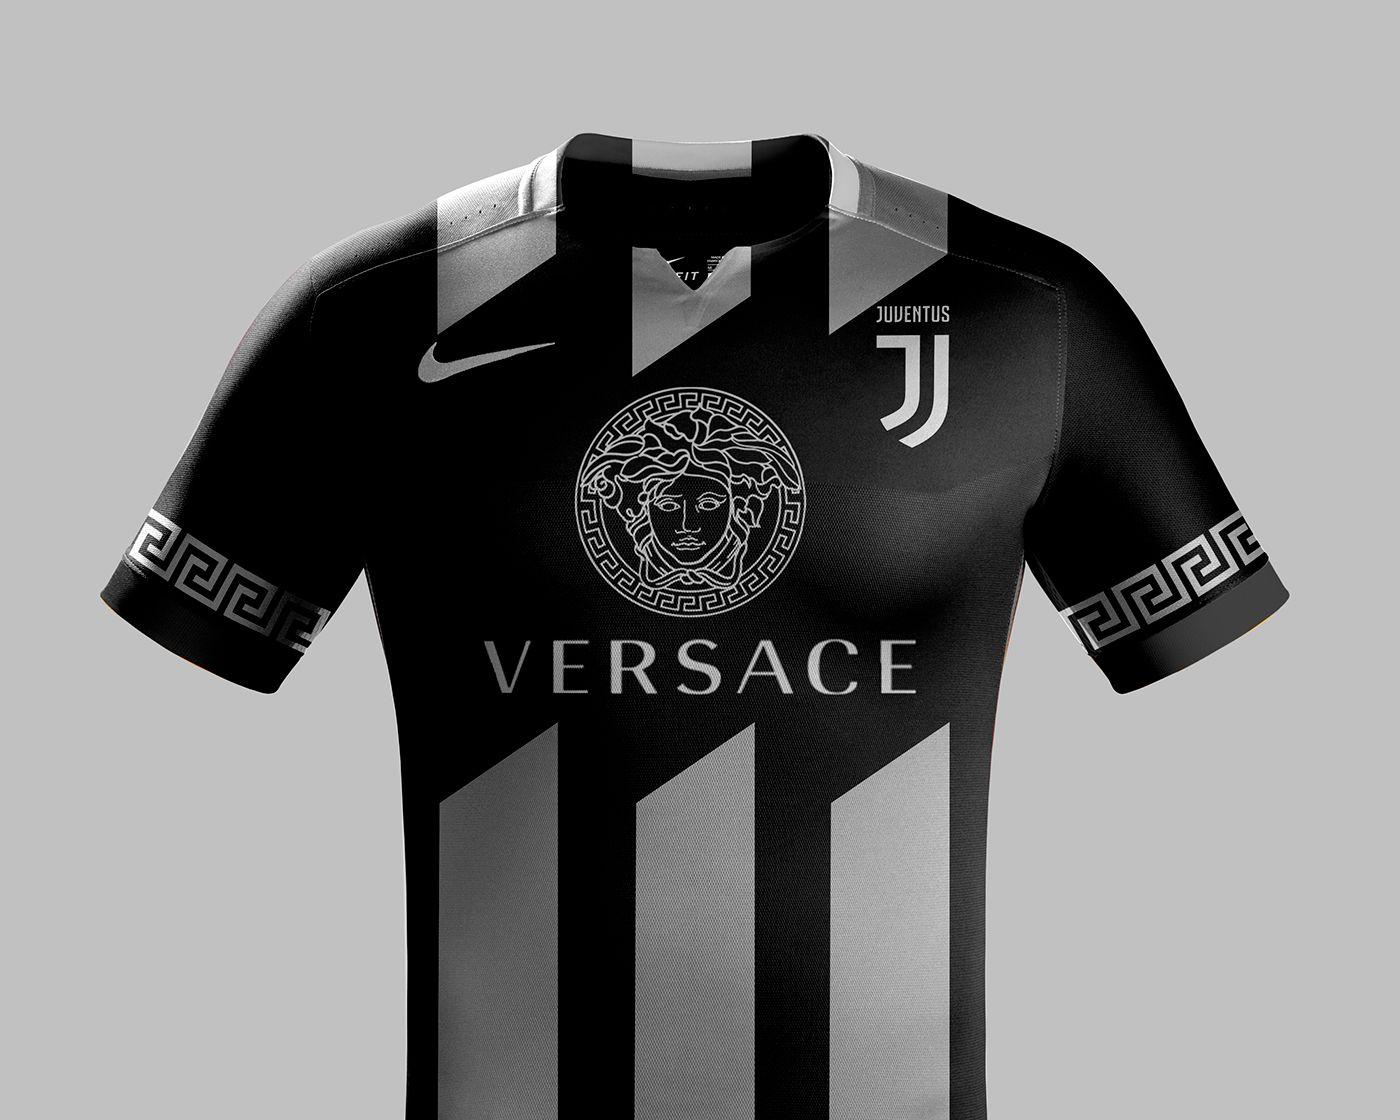 ee780f5ab Luxury Brand Football Kits on Behance